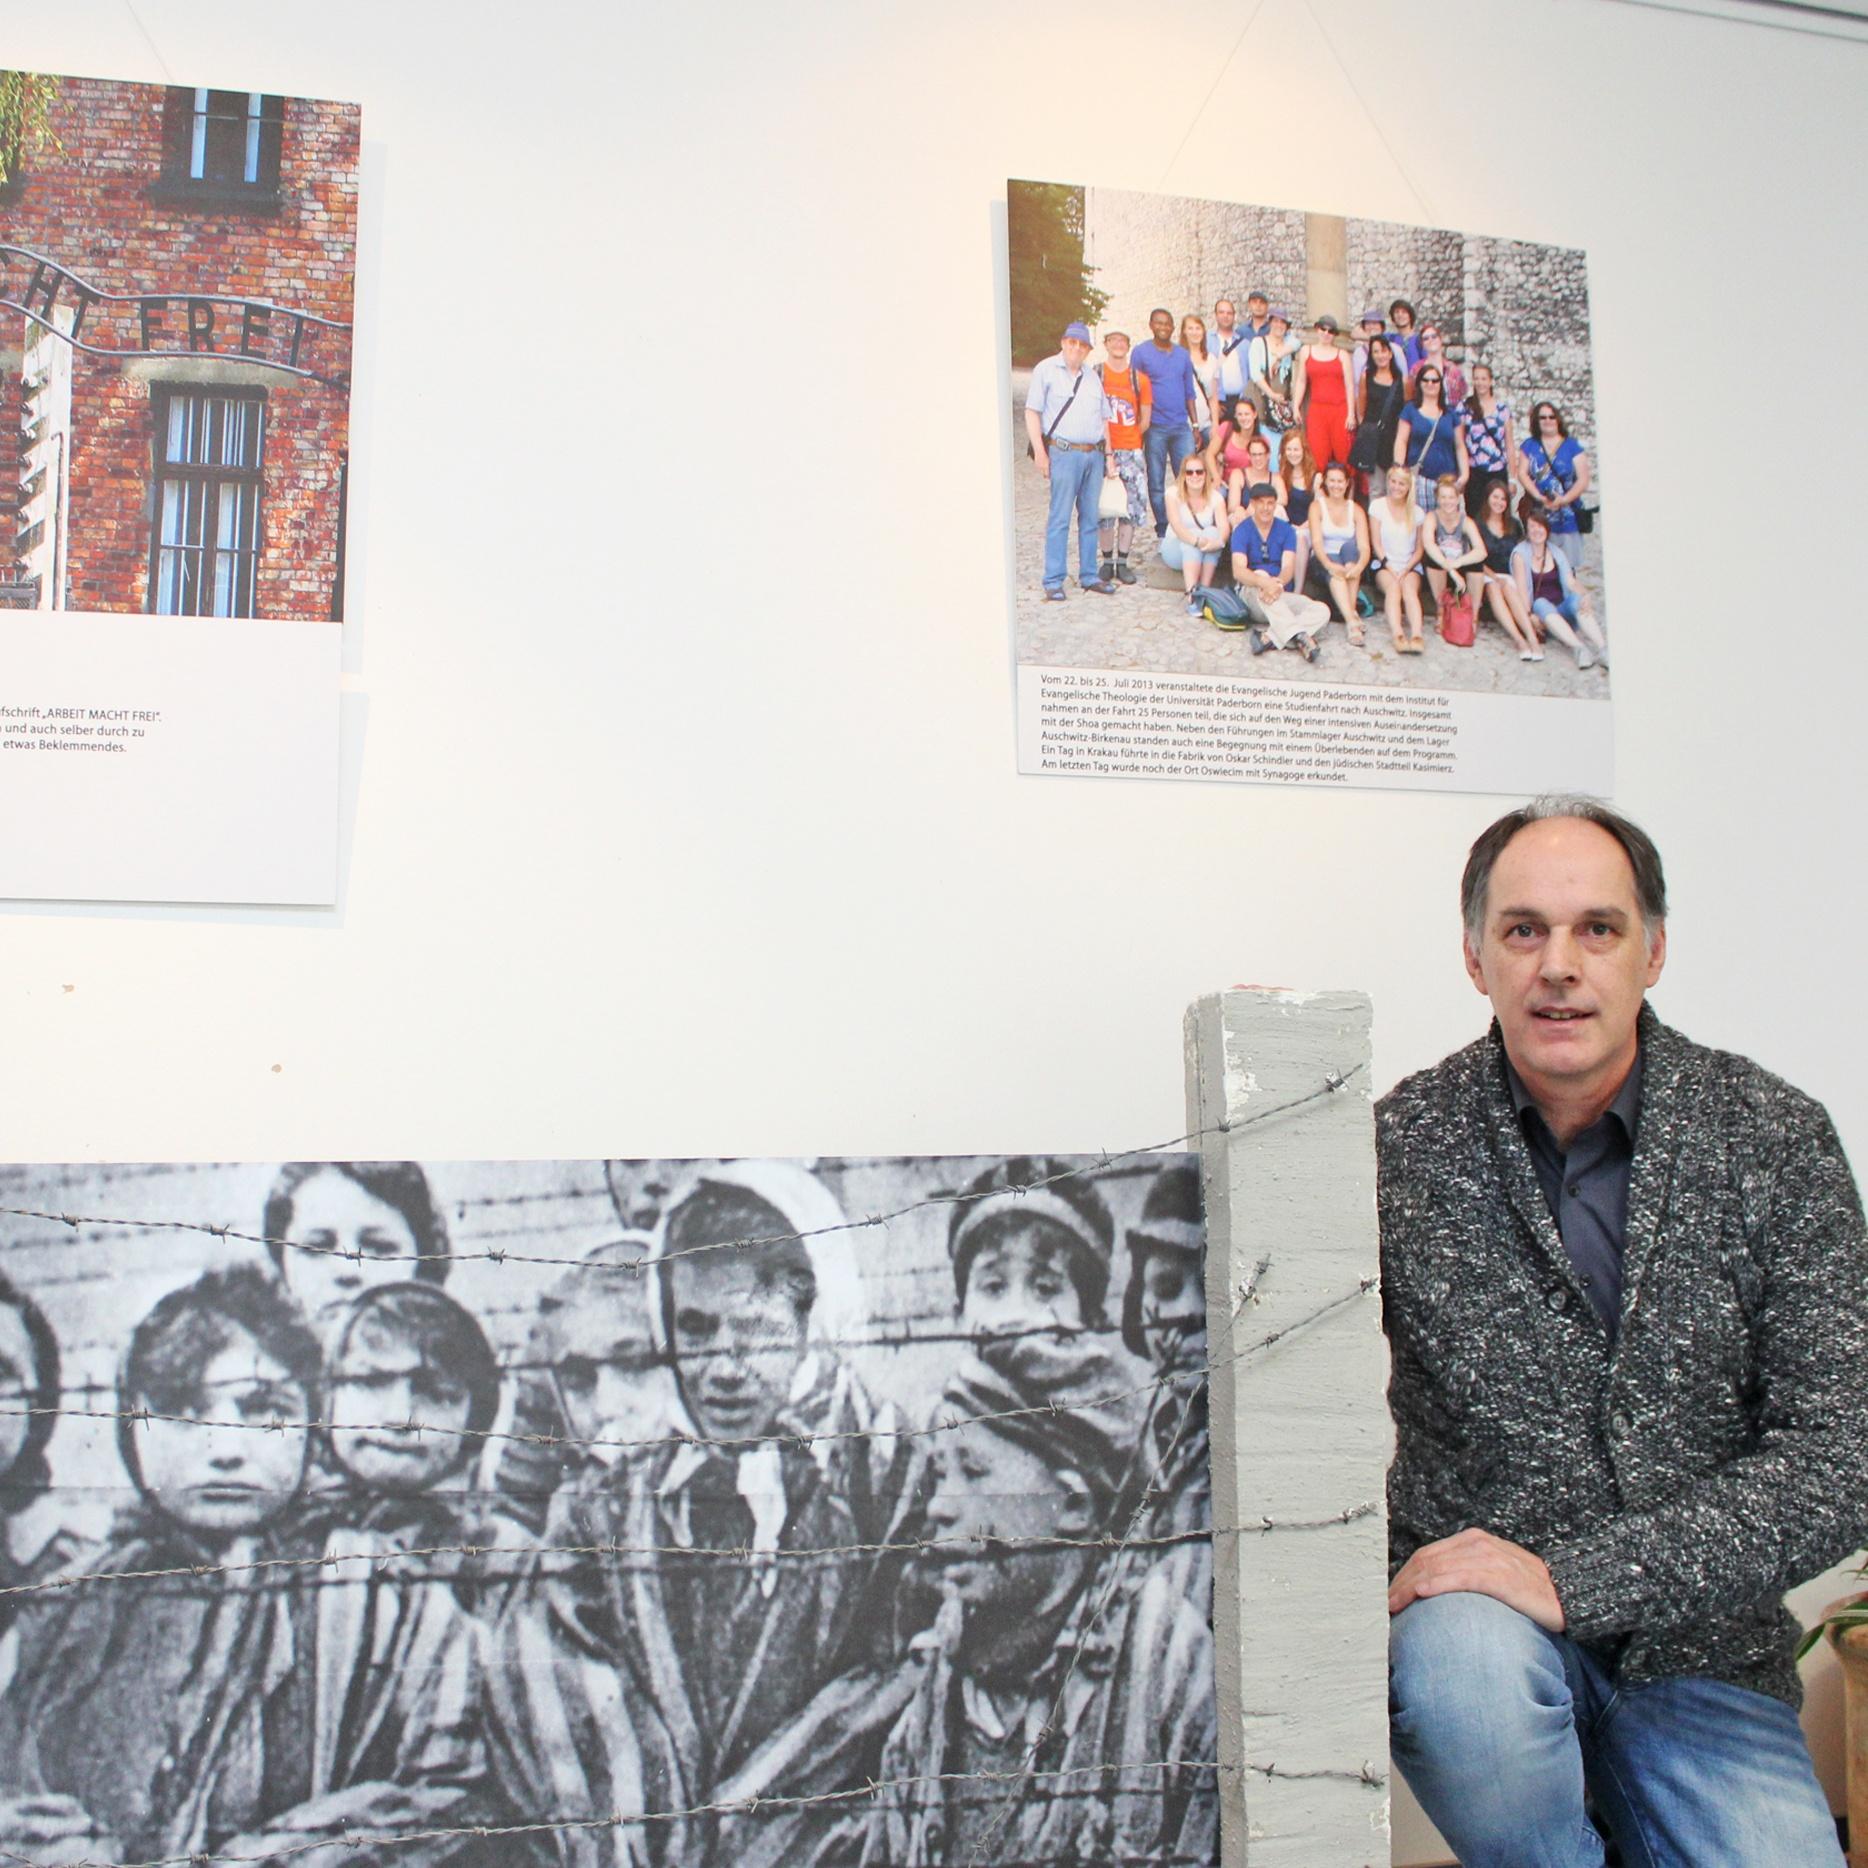 Internationale Wochen gegen Rassismus: Ausstellung über Ausschwitz im Haus der Evangelischen Kirche